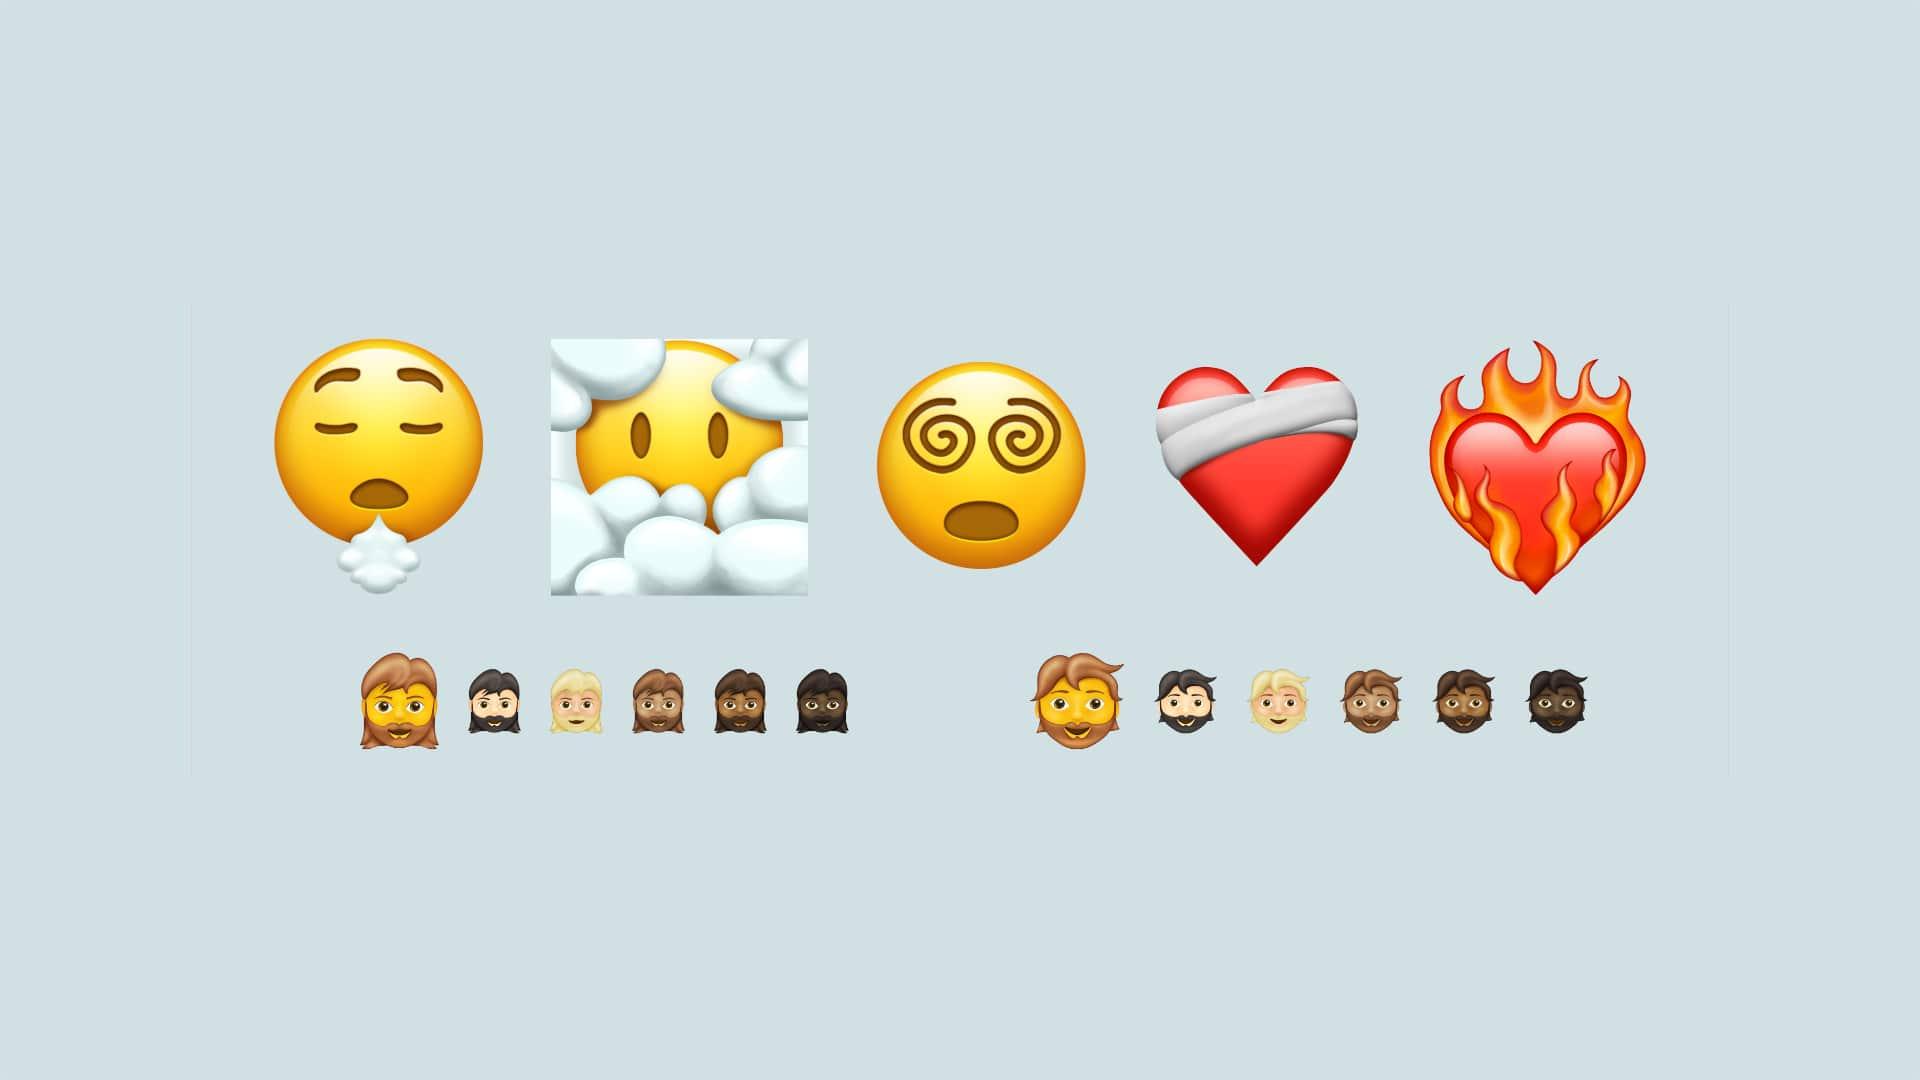 Novos emojis (Emoji 13.1)